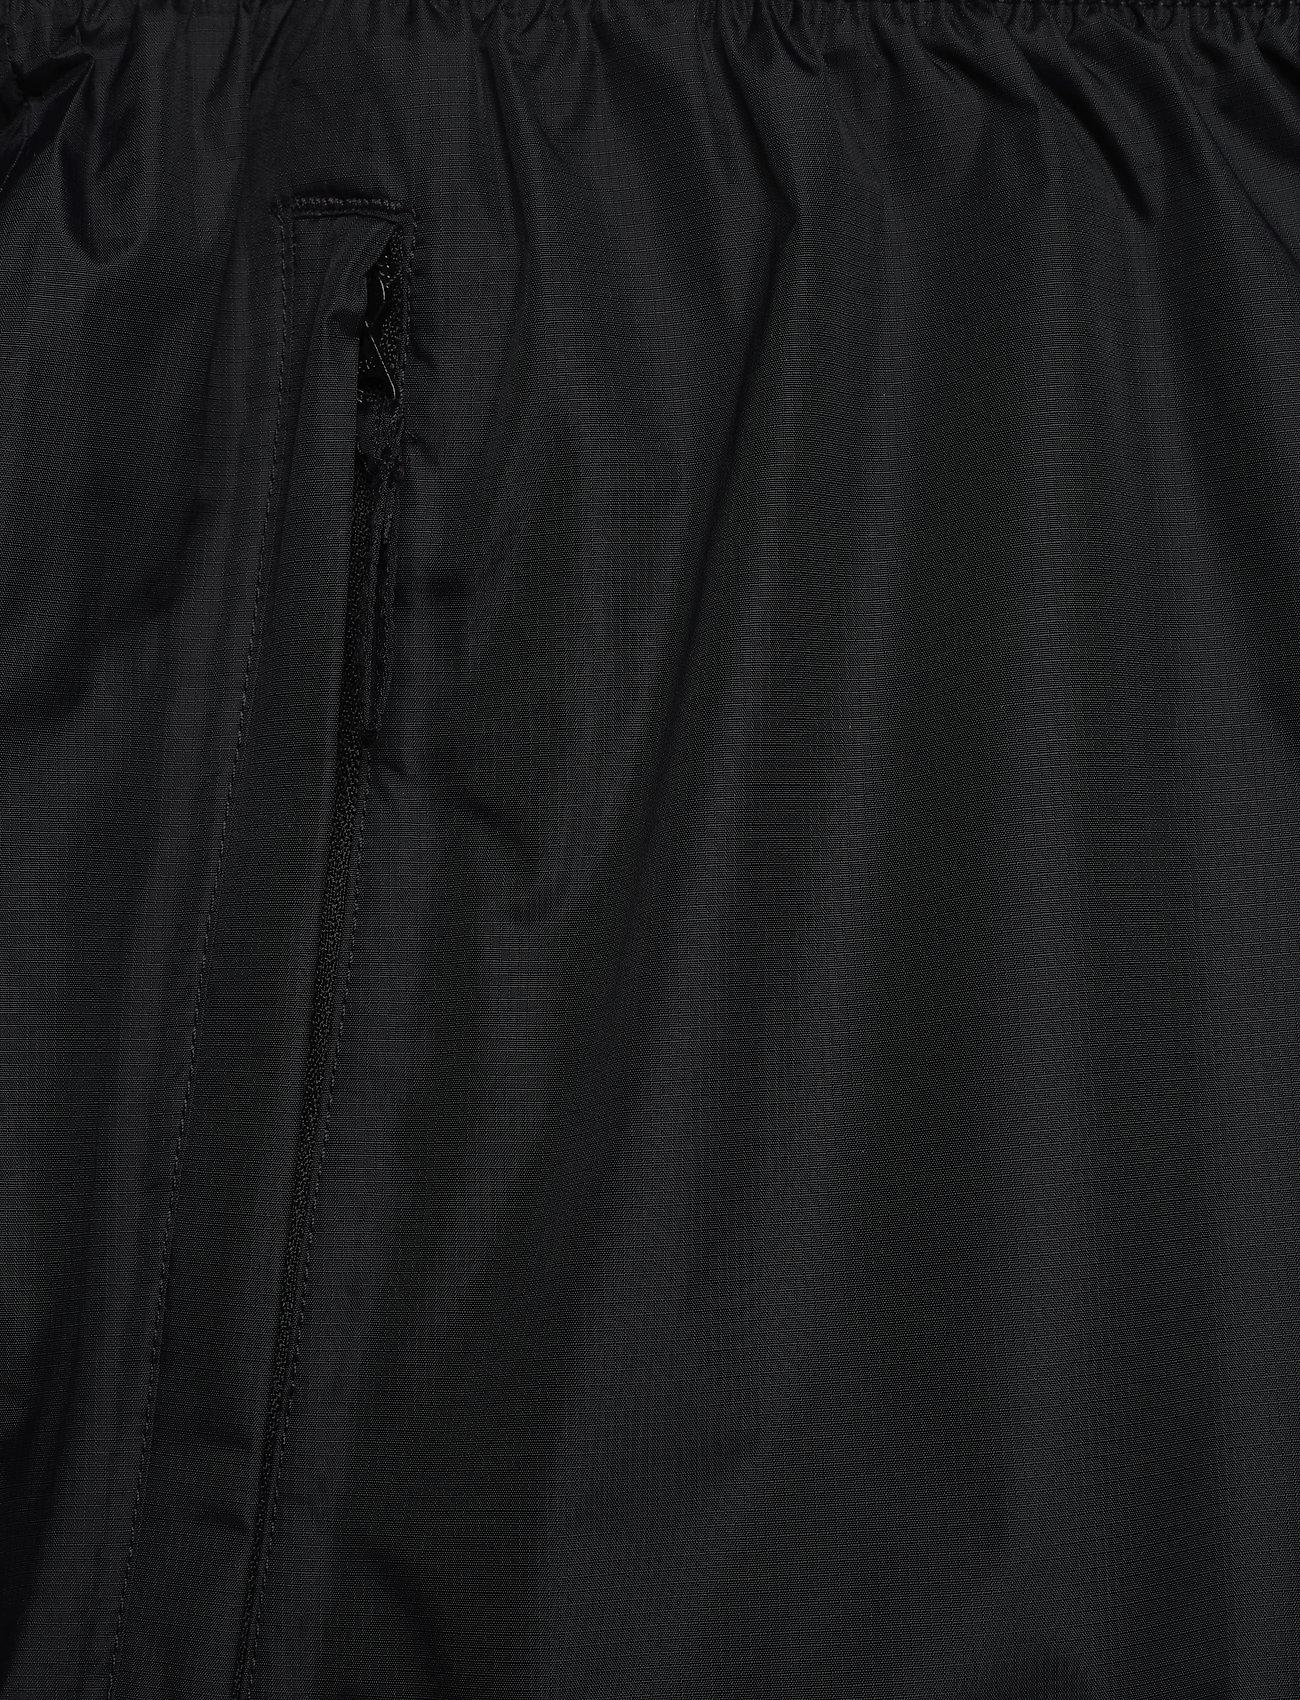 Helly Hansen Loke Pants - Byxor Black